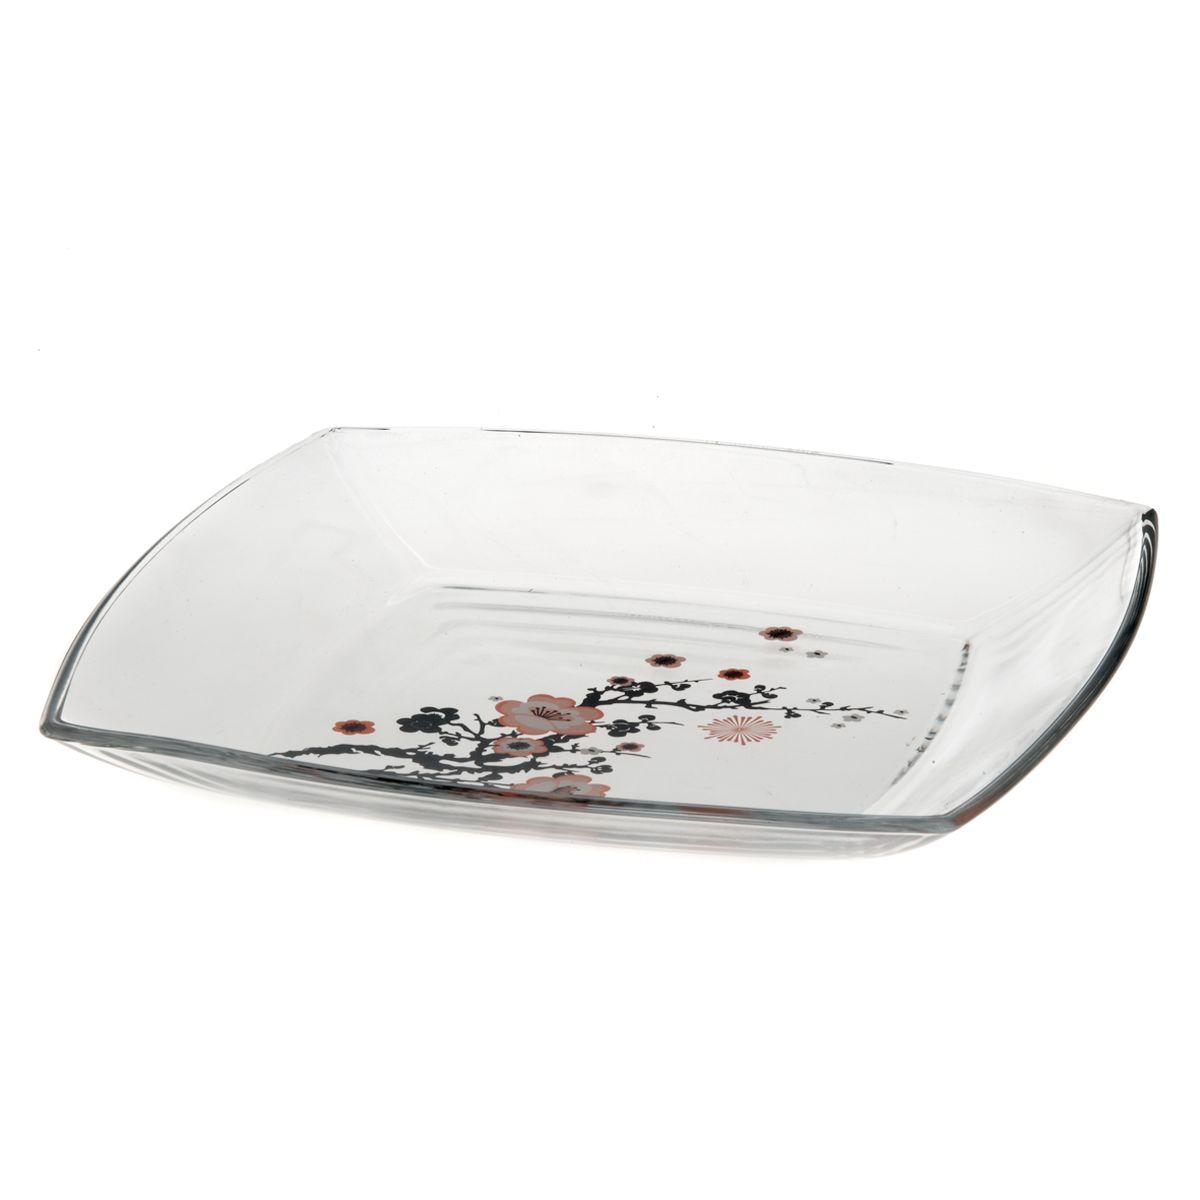 Набор тарелок Pasabahce Workshop Sakura, 26,5 х 26,5 см, 6 шт54087BDНабор Pasabahce Workshop Sakura состоит из шести квадратных тарелок, выполненных из закаленного стекла. Тарелки декорированы изображением ветки сакуры. Они сочетают в себе изысканный дизайн с максимальной функциональностью. Оригинальность оформления тарелок придется по вкусу и ценителям классики, и тем, кто предпочитает утонченность и изящность. Набор тарелок Pasabahce Workshop Sakura послужит отличным подарком к любому празднику. Можно использовать в морозильной камере и микроволновой печи. Можно мыть в посудомоечной машине. Размер тарелки: 26,5 см х 26,5 см. Высота стенок: 2,5 см.